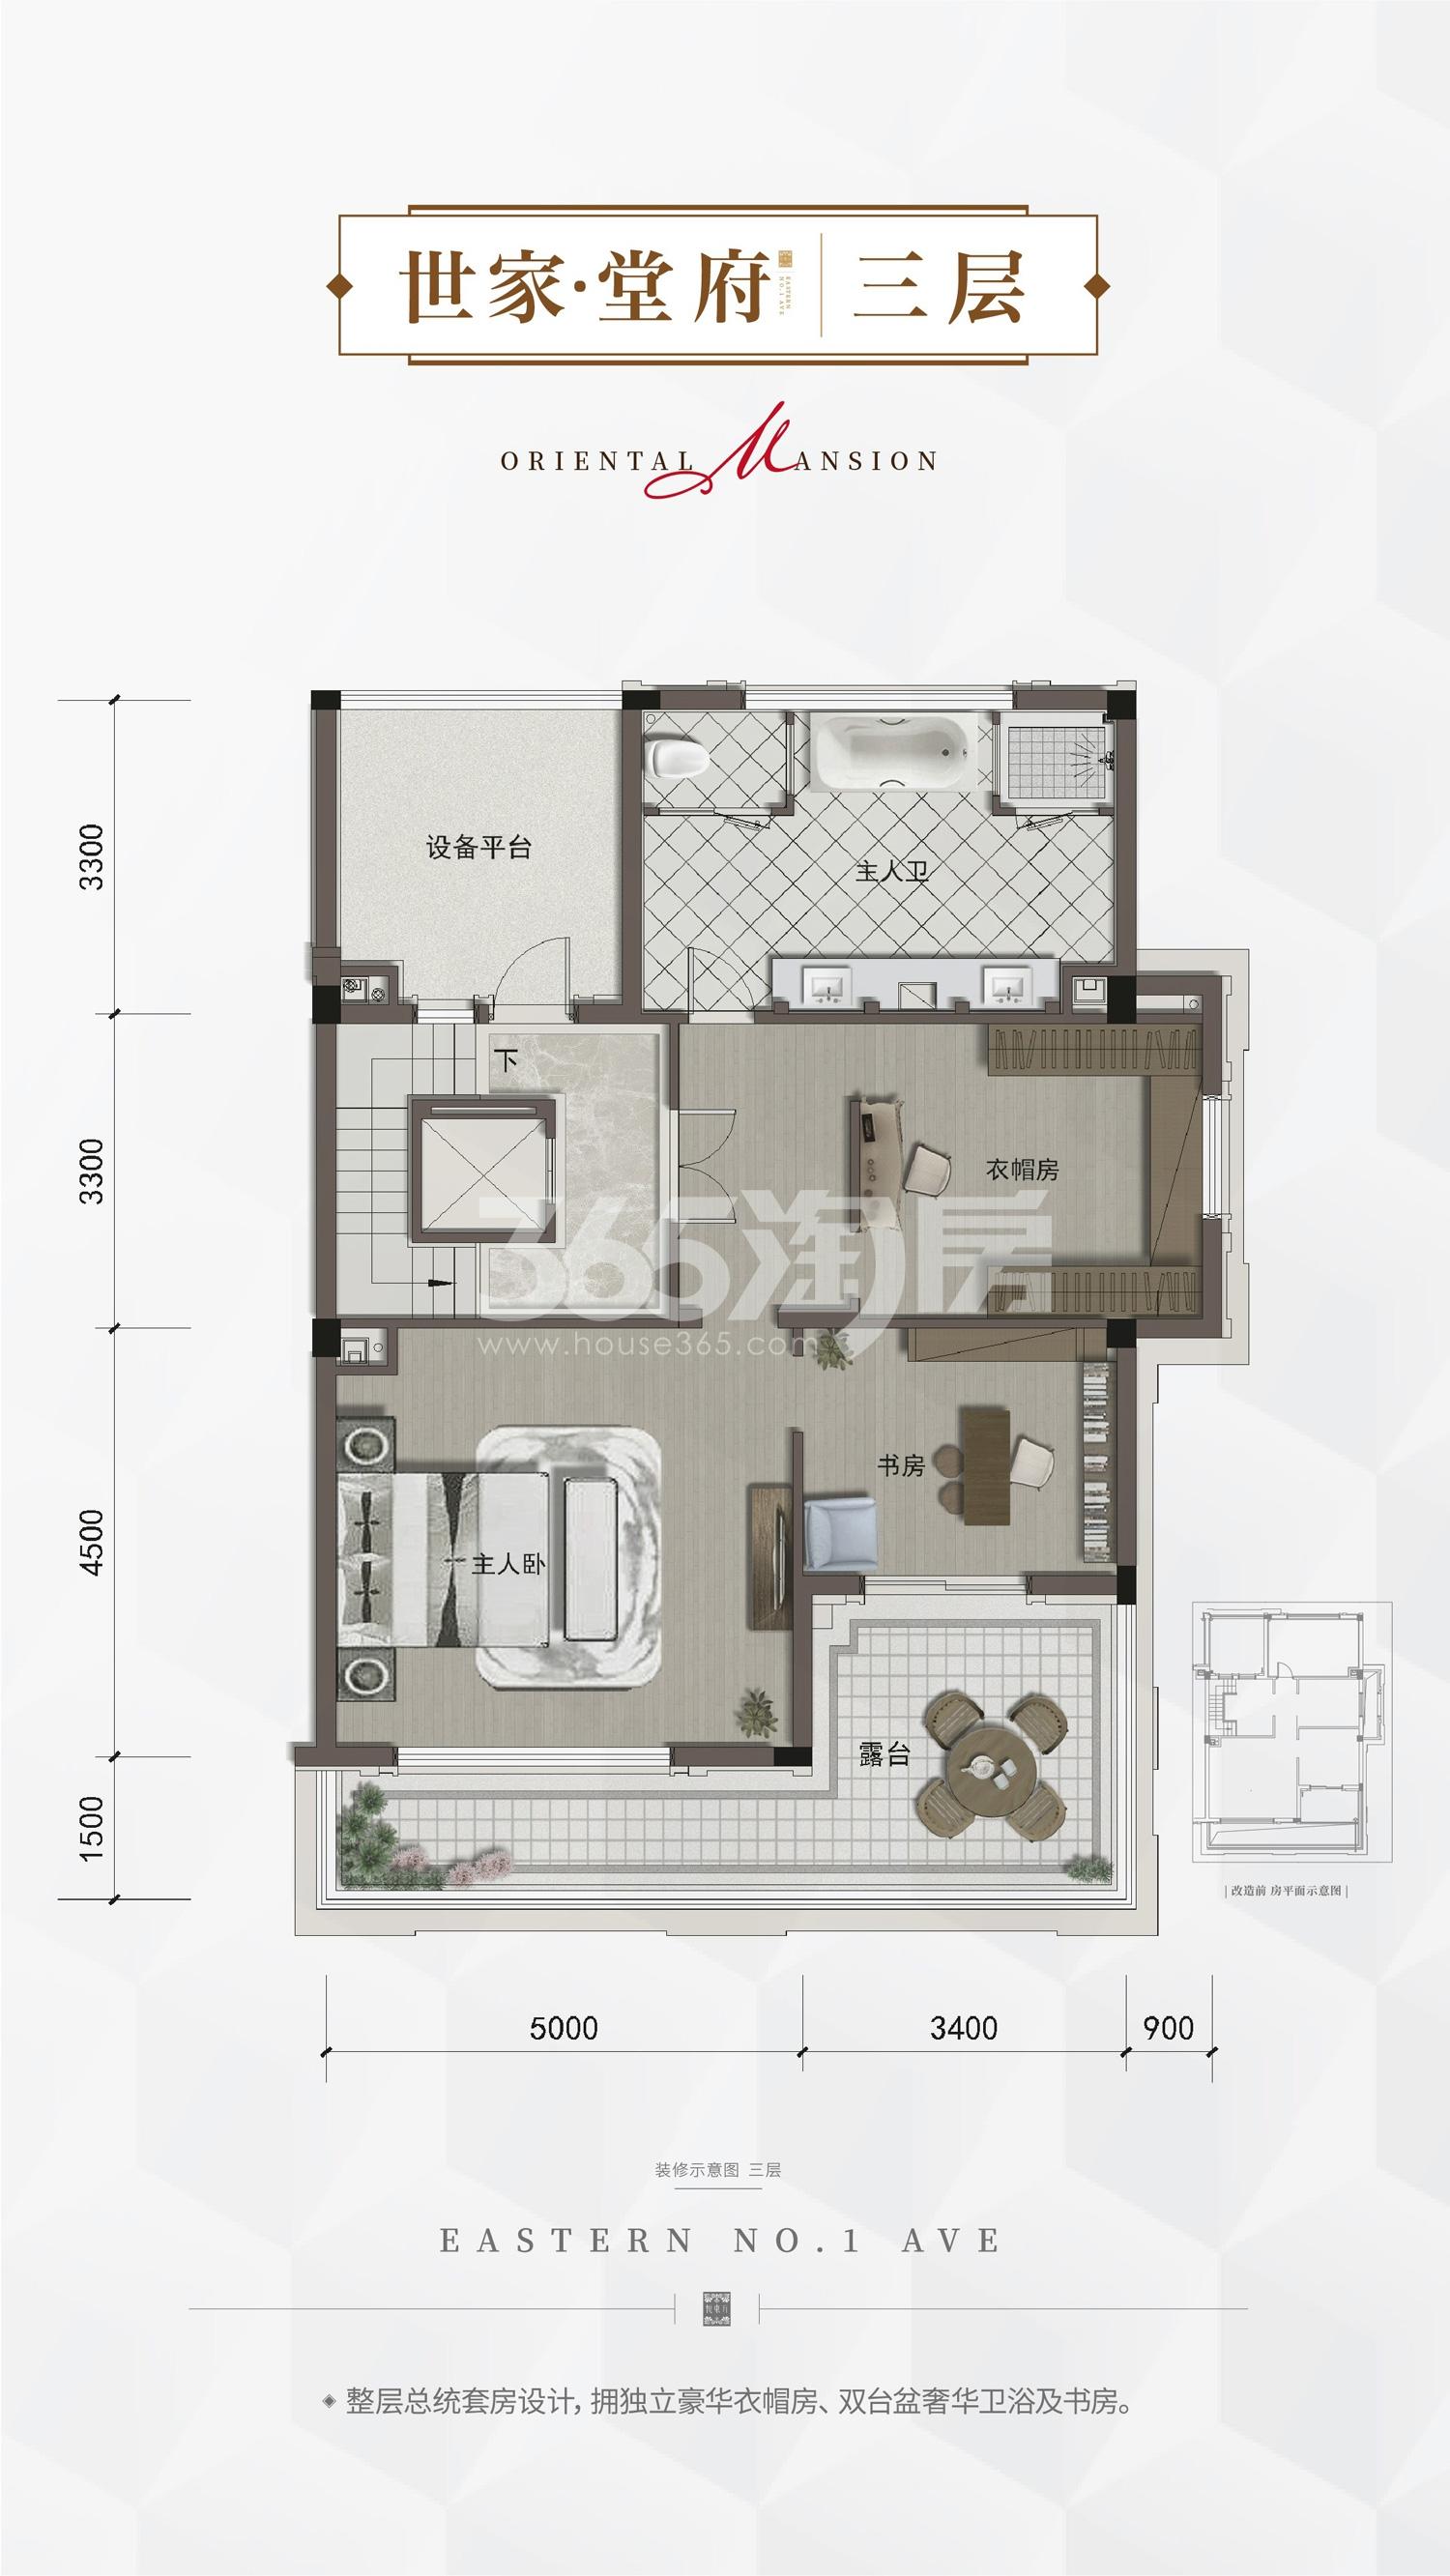 杭房悦东方排屋户型252方(三层)